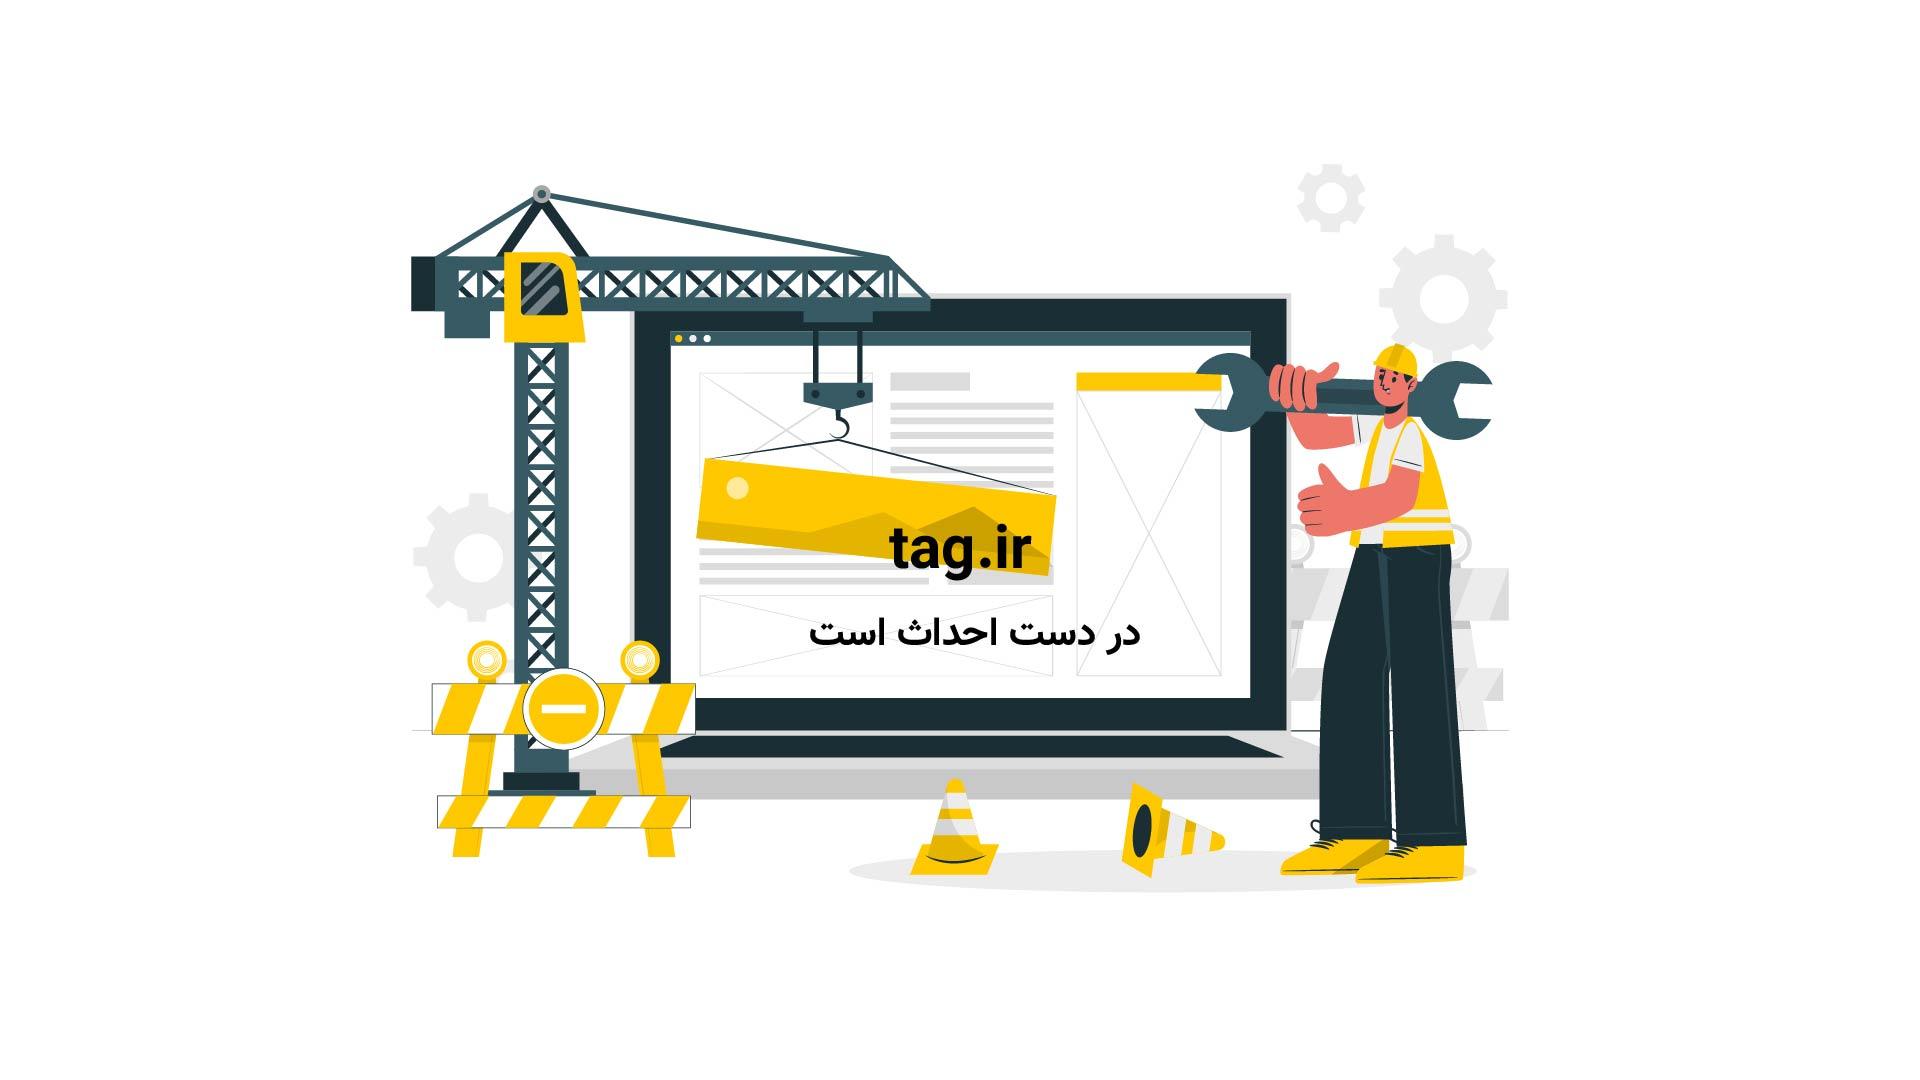 روستای تاریخی میمند از جاذبههای گردشگری کرمان | فیلم